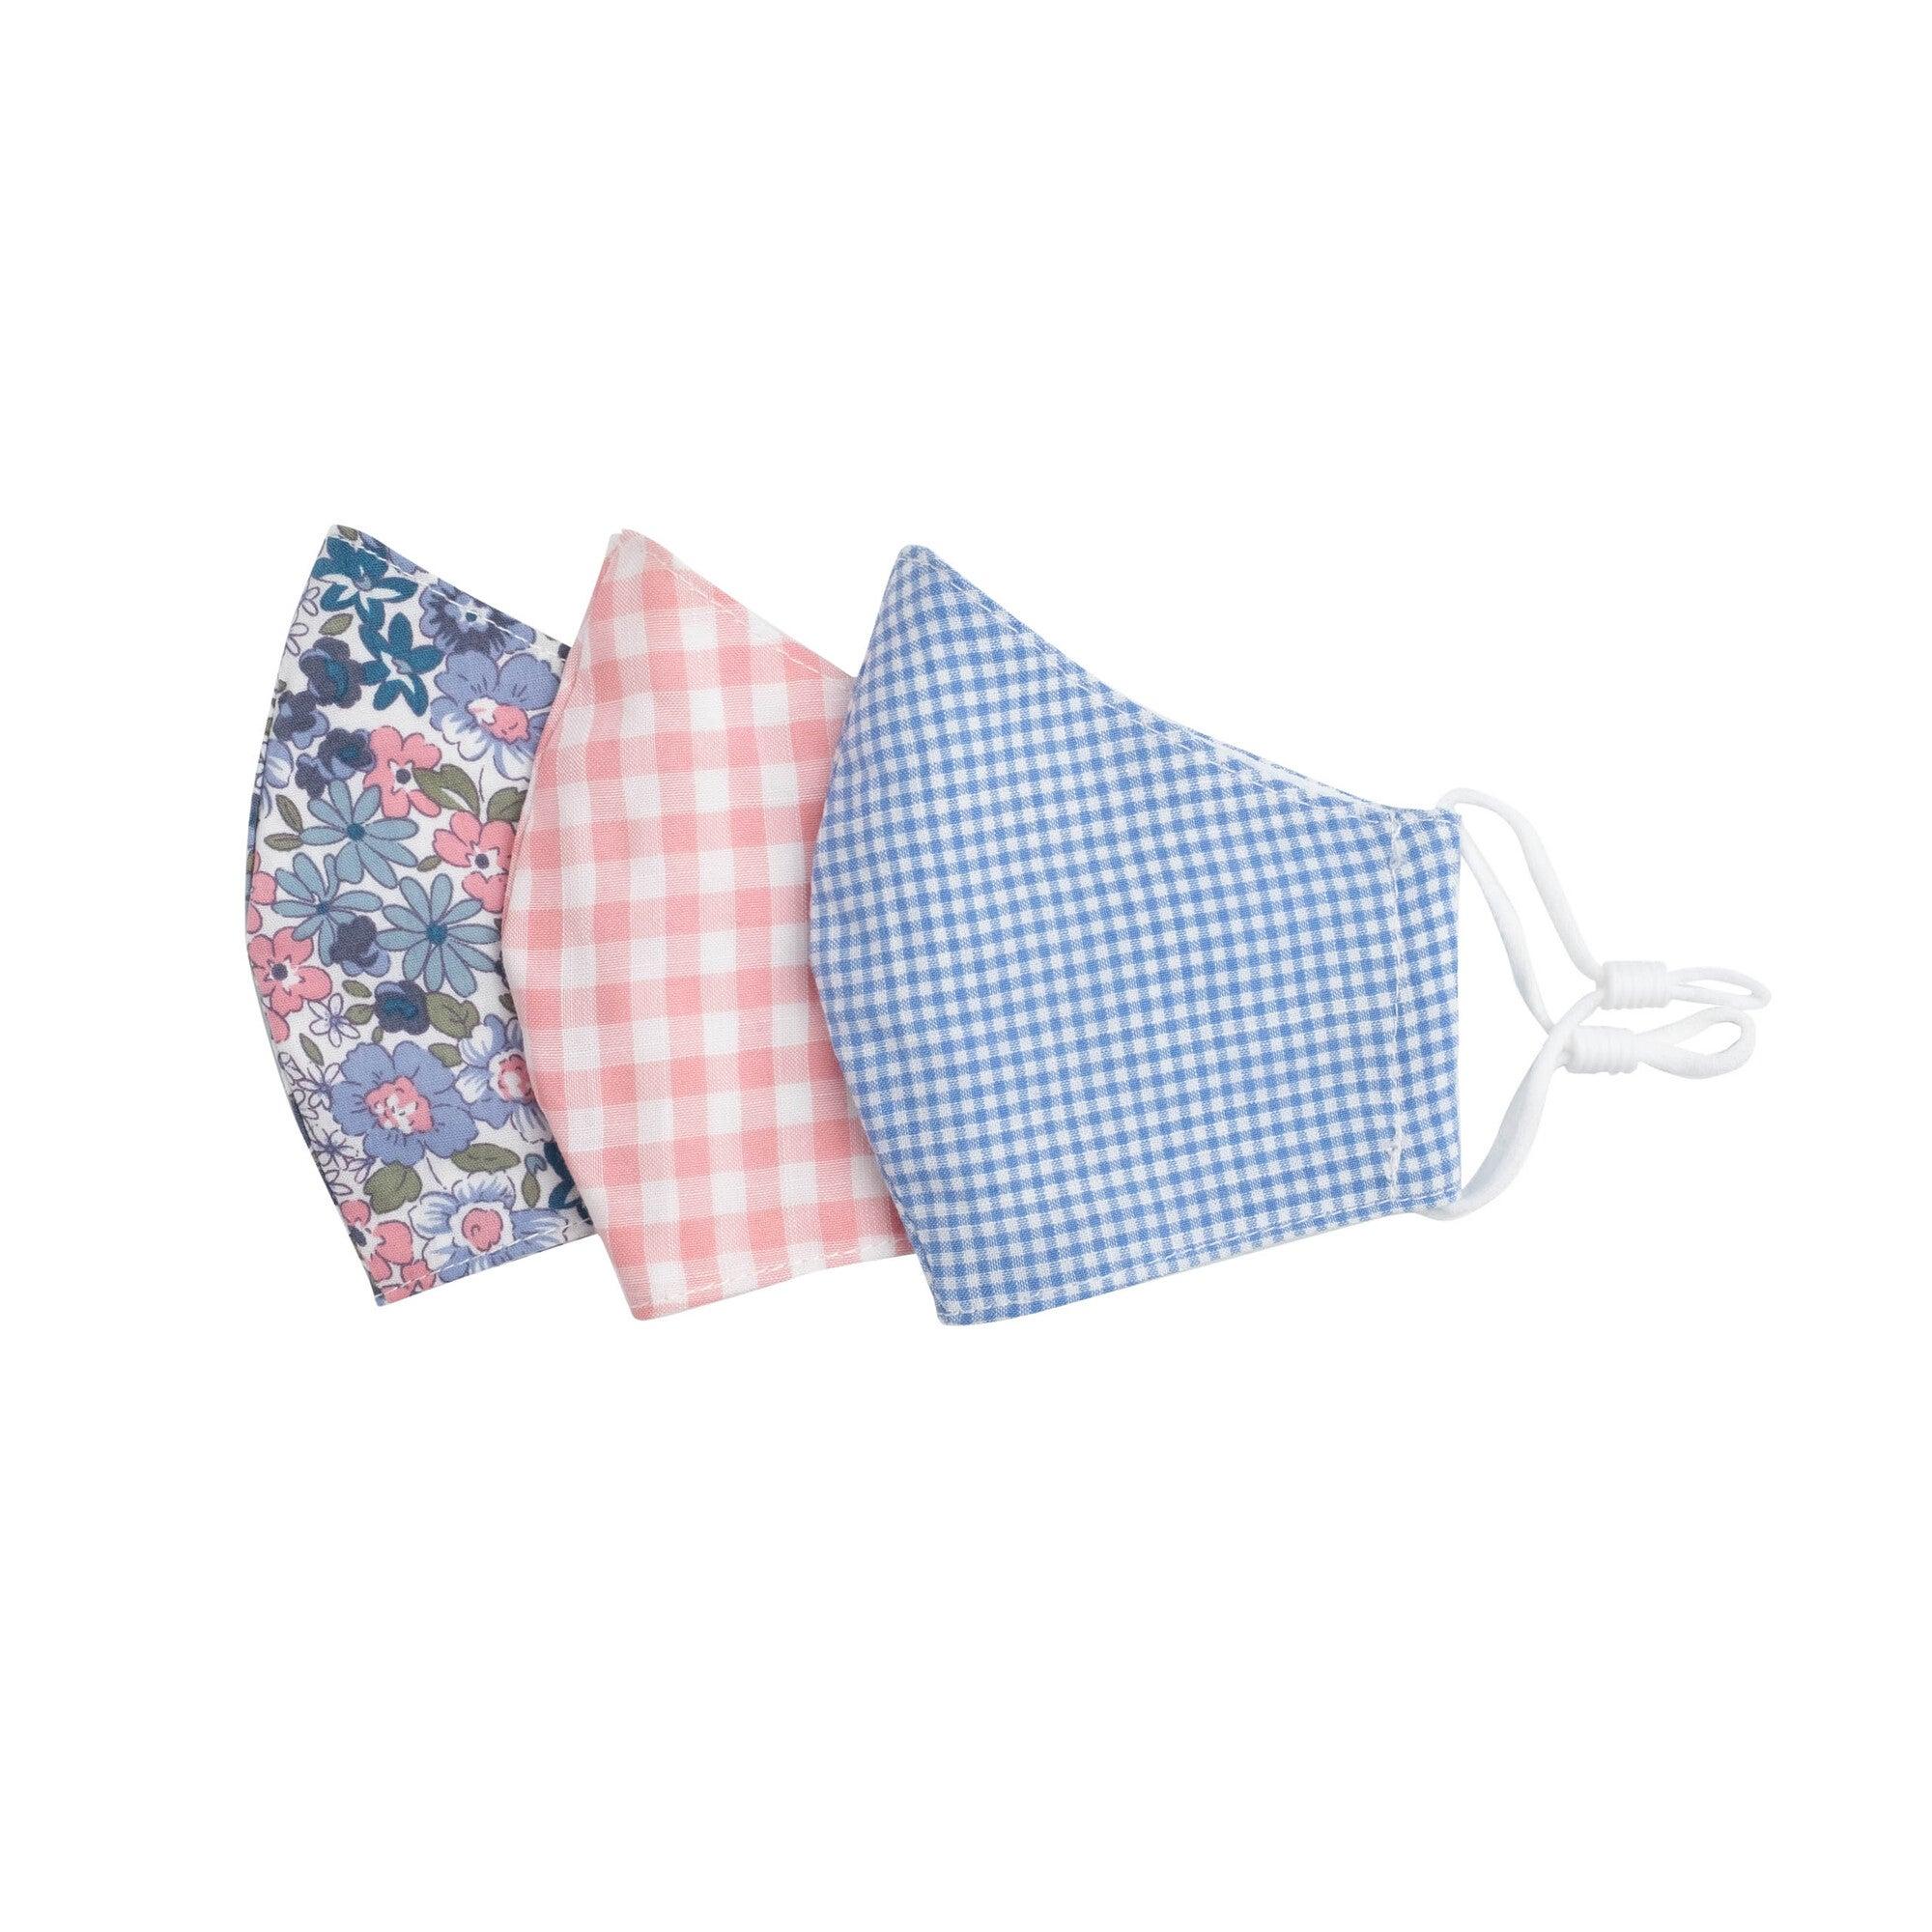 Floral Check Mask Bundle, Pink & Blue